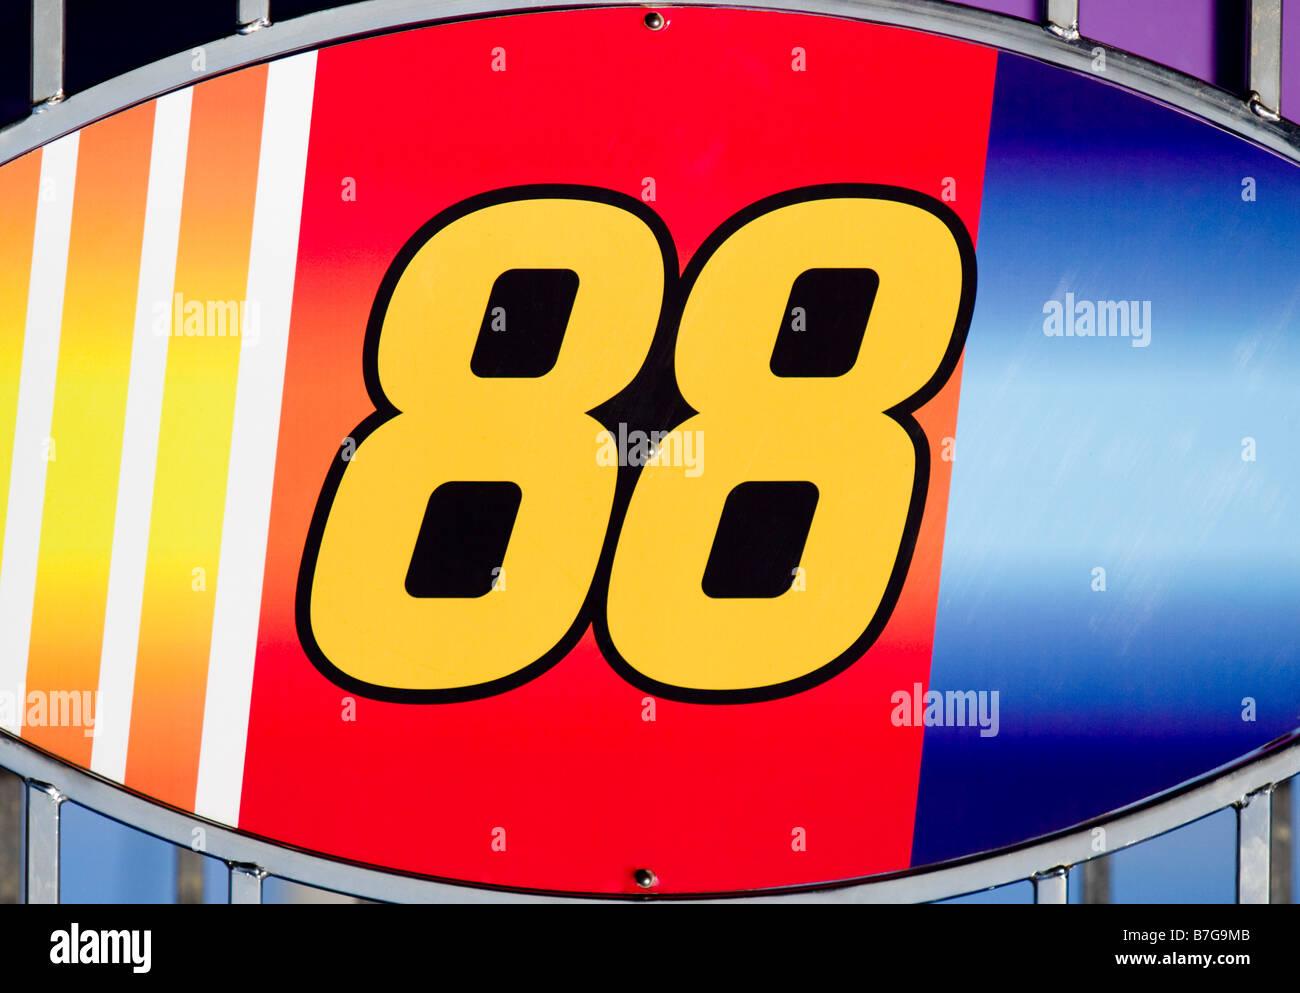 Numéro 88 en course ellipse Photo Stock